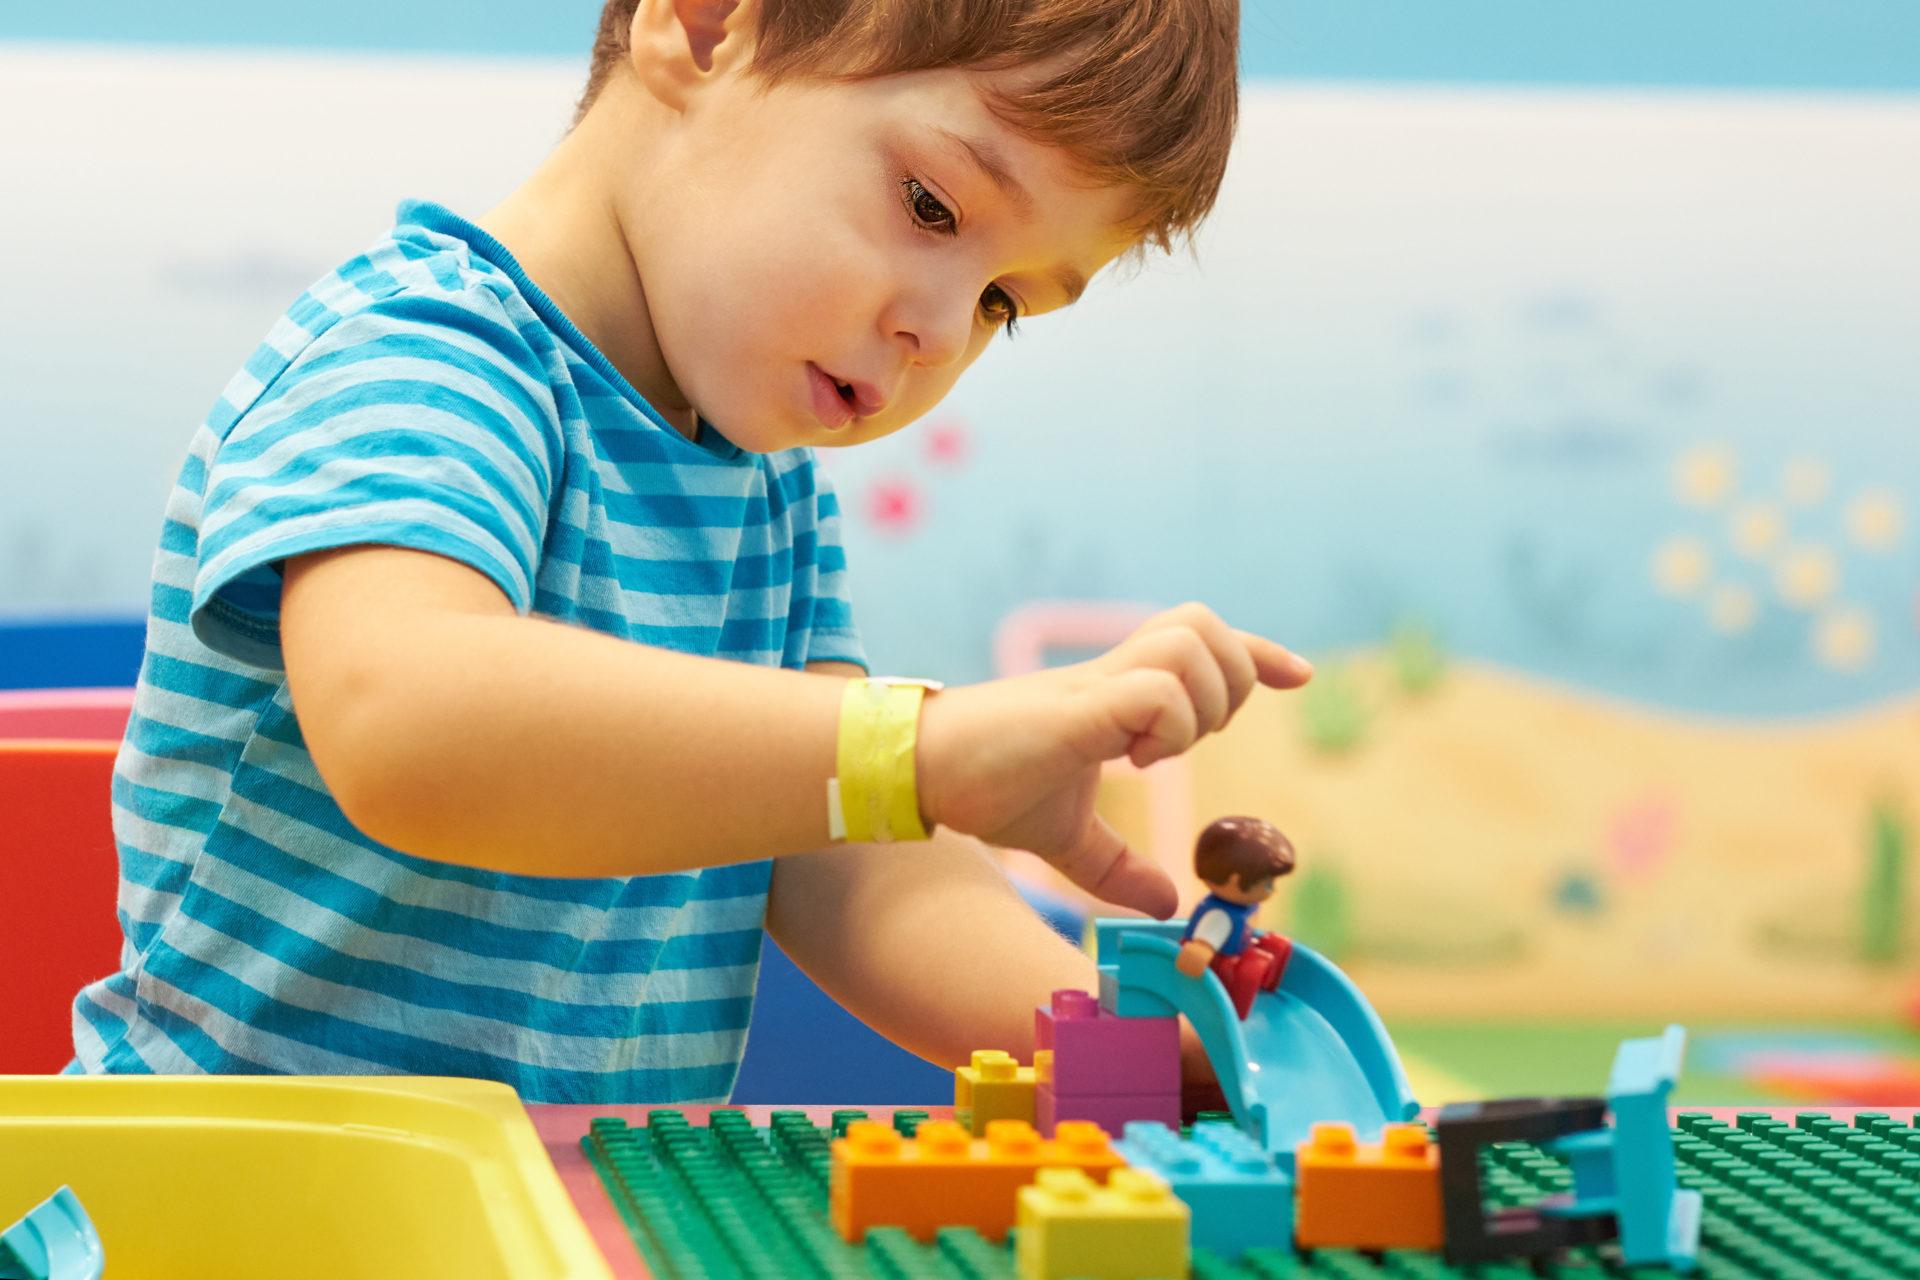 Jeu, Jouet Enfant - Jeu Enfant 2 Ans, 3 Ans, 4 Ans Et 5 Ans tout Jeux Gratuit Facile Pour Garcon